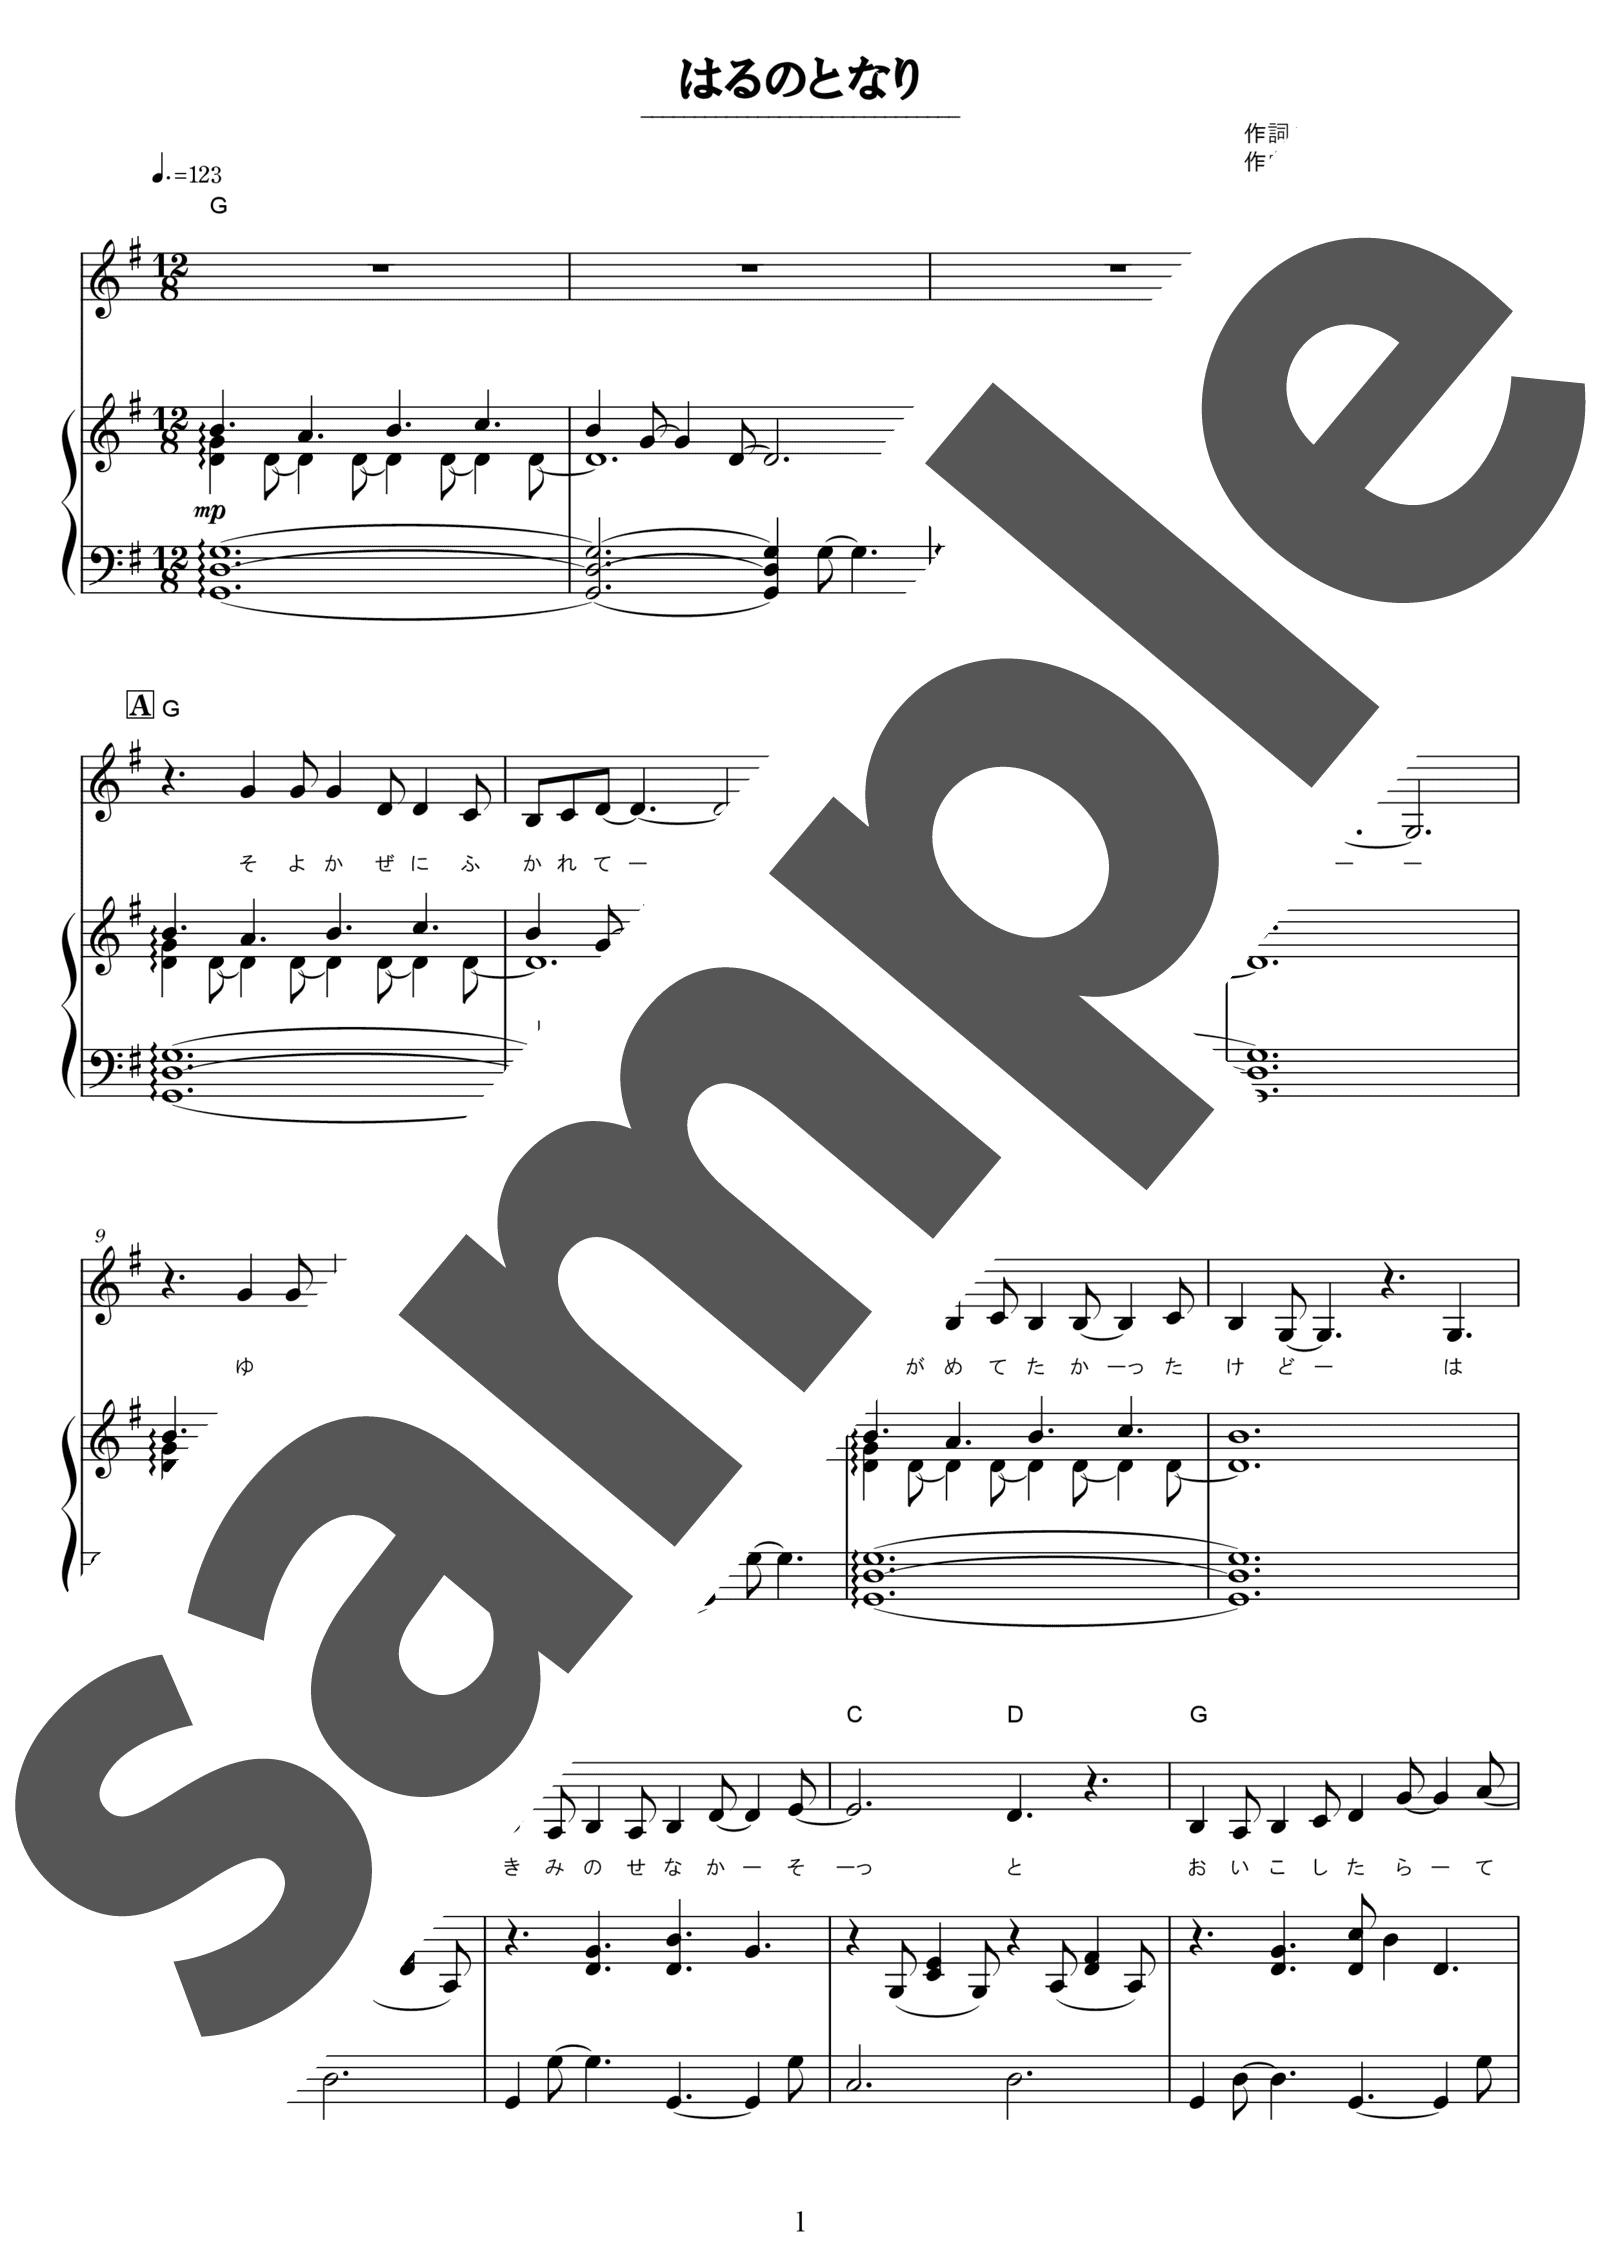 「はるのとなり」のサンプル楽譜